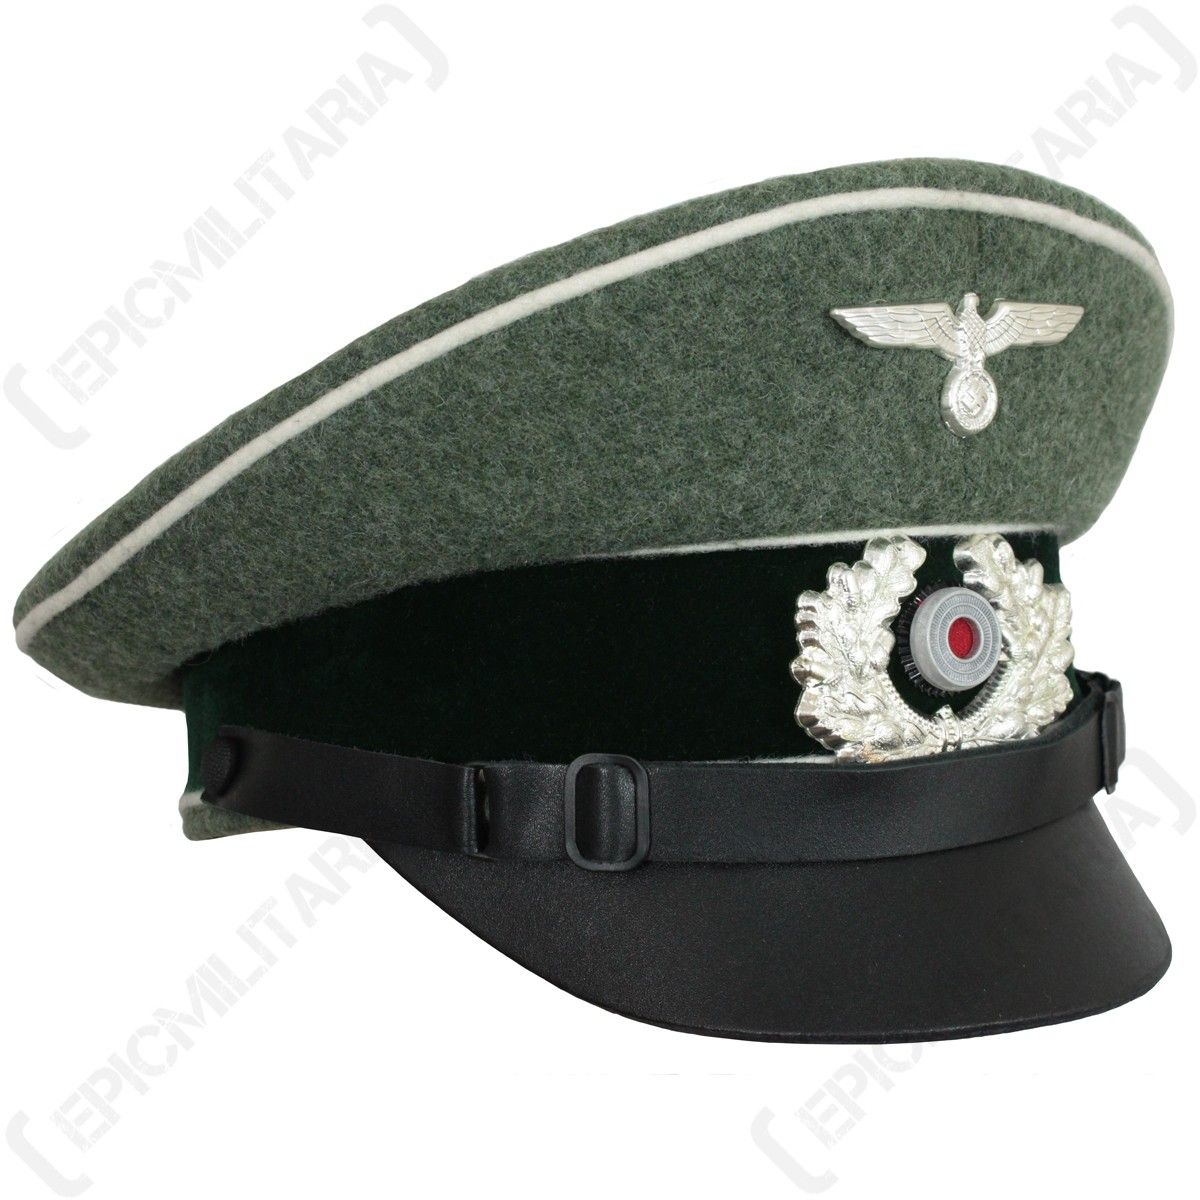 4657fb8af14 German Army Heer NCO Visor Cap